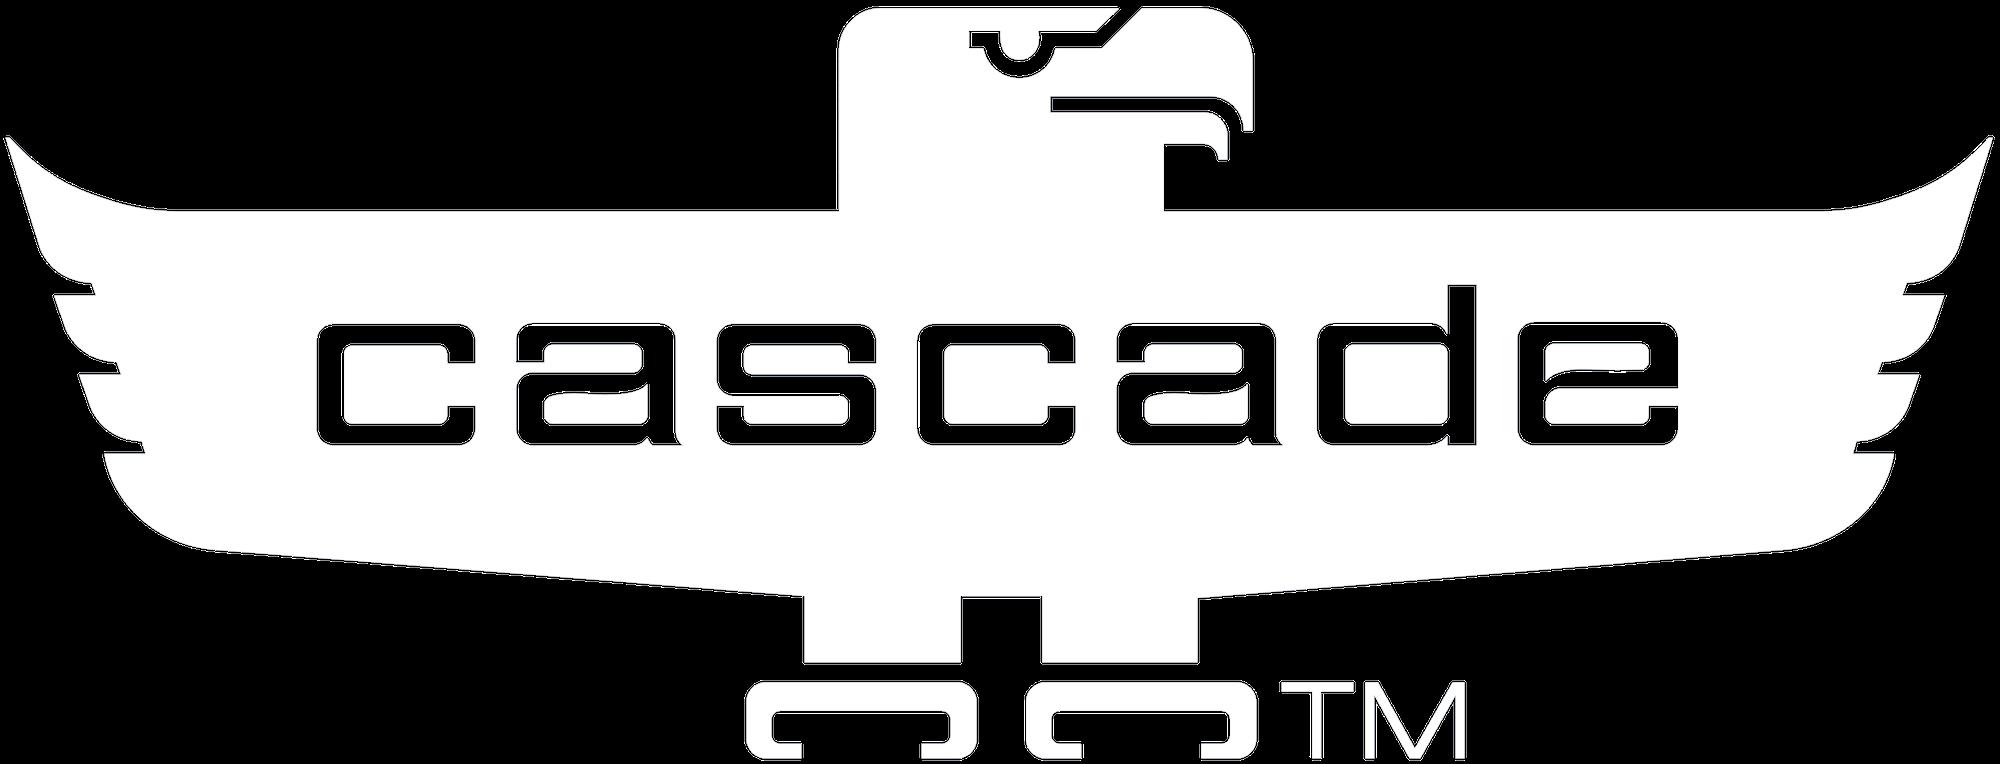 Copy of Cascade